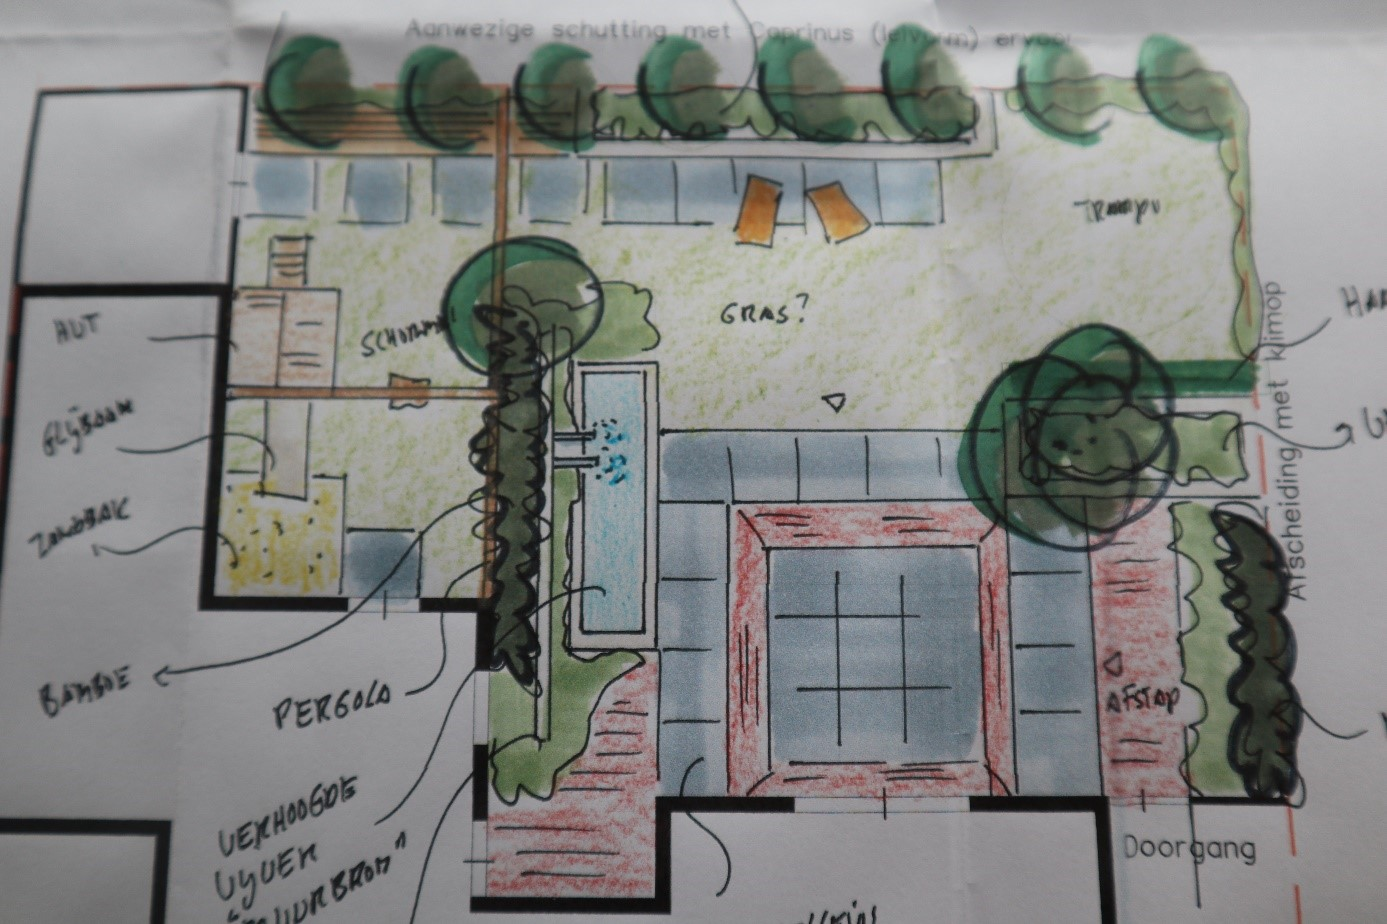 Pergola voor klimplanten op erfafscheiding gemonteerd